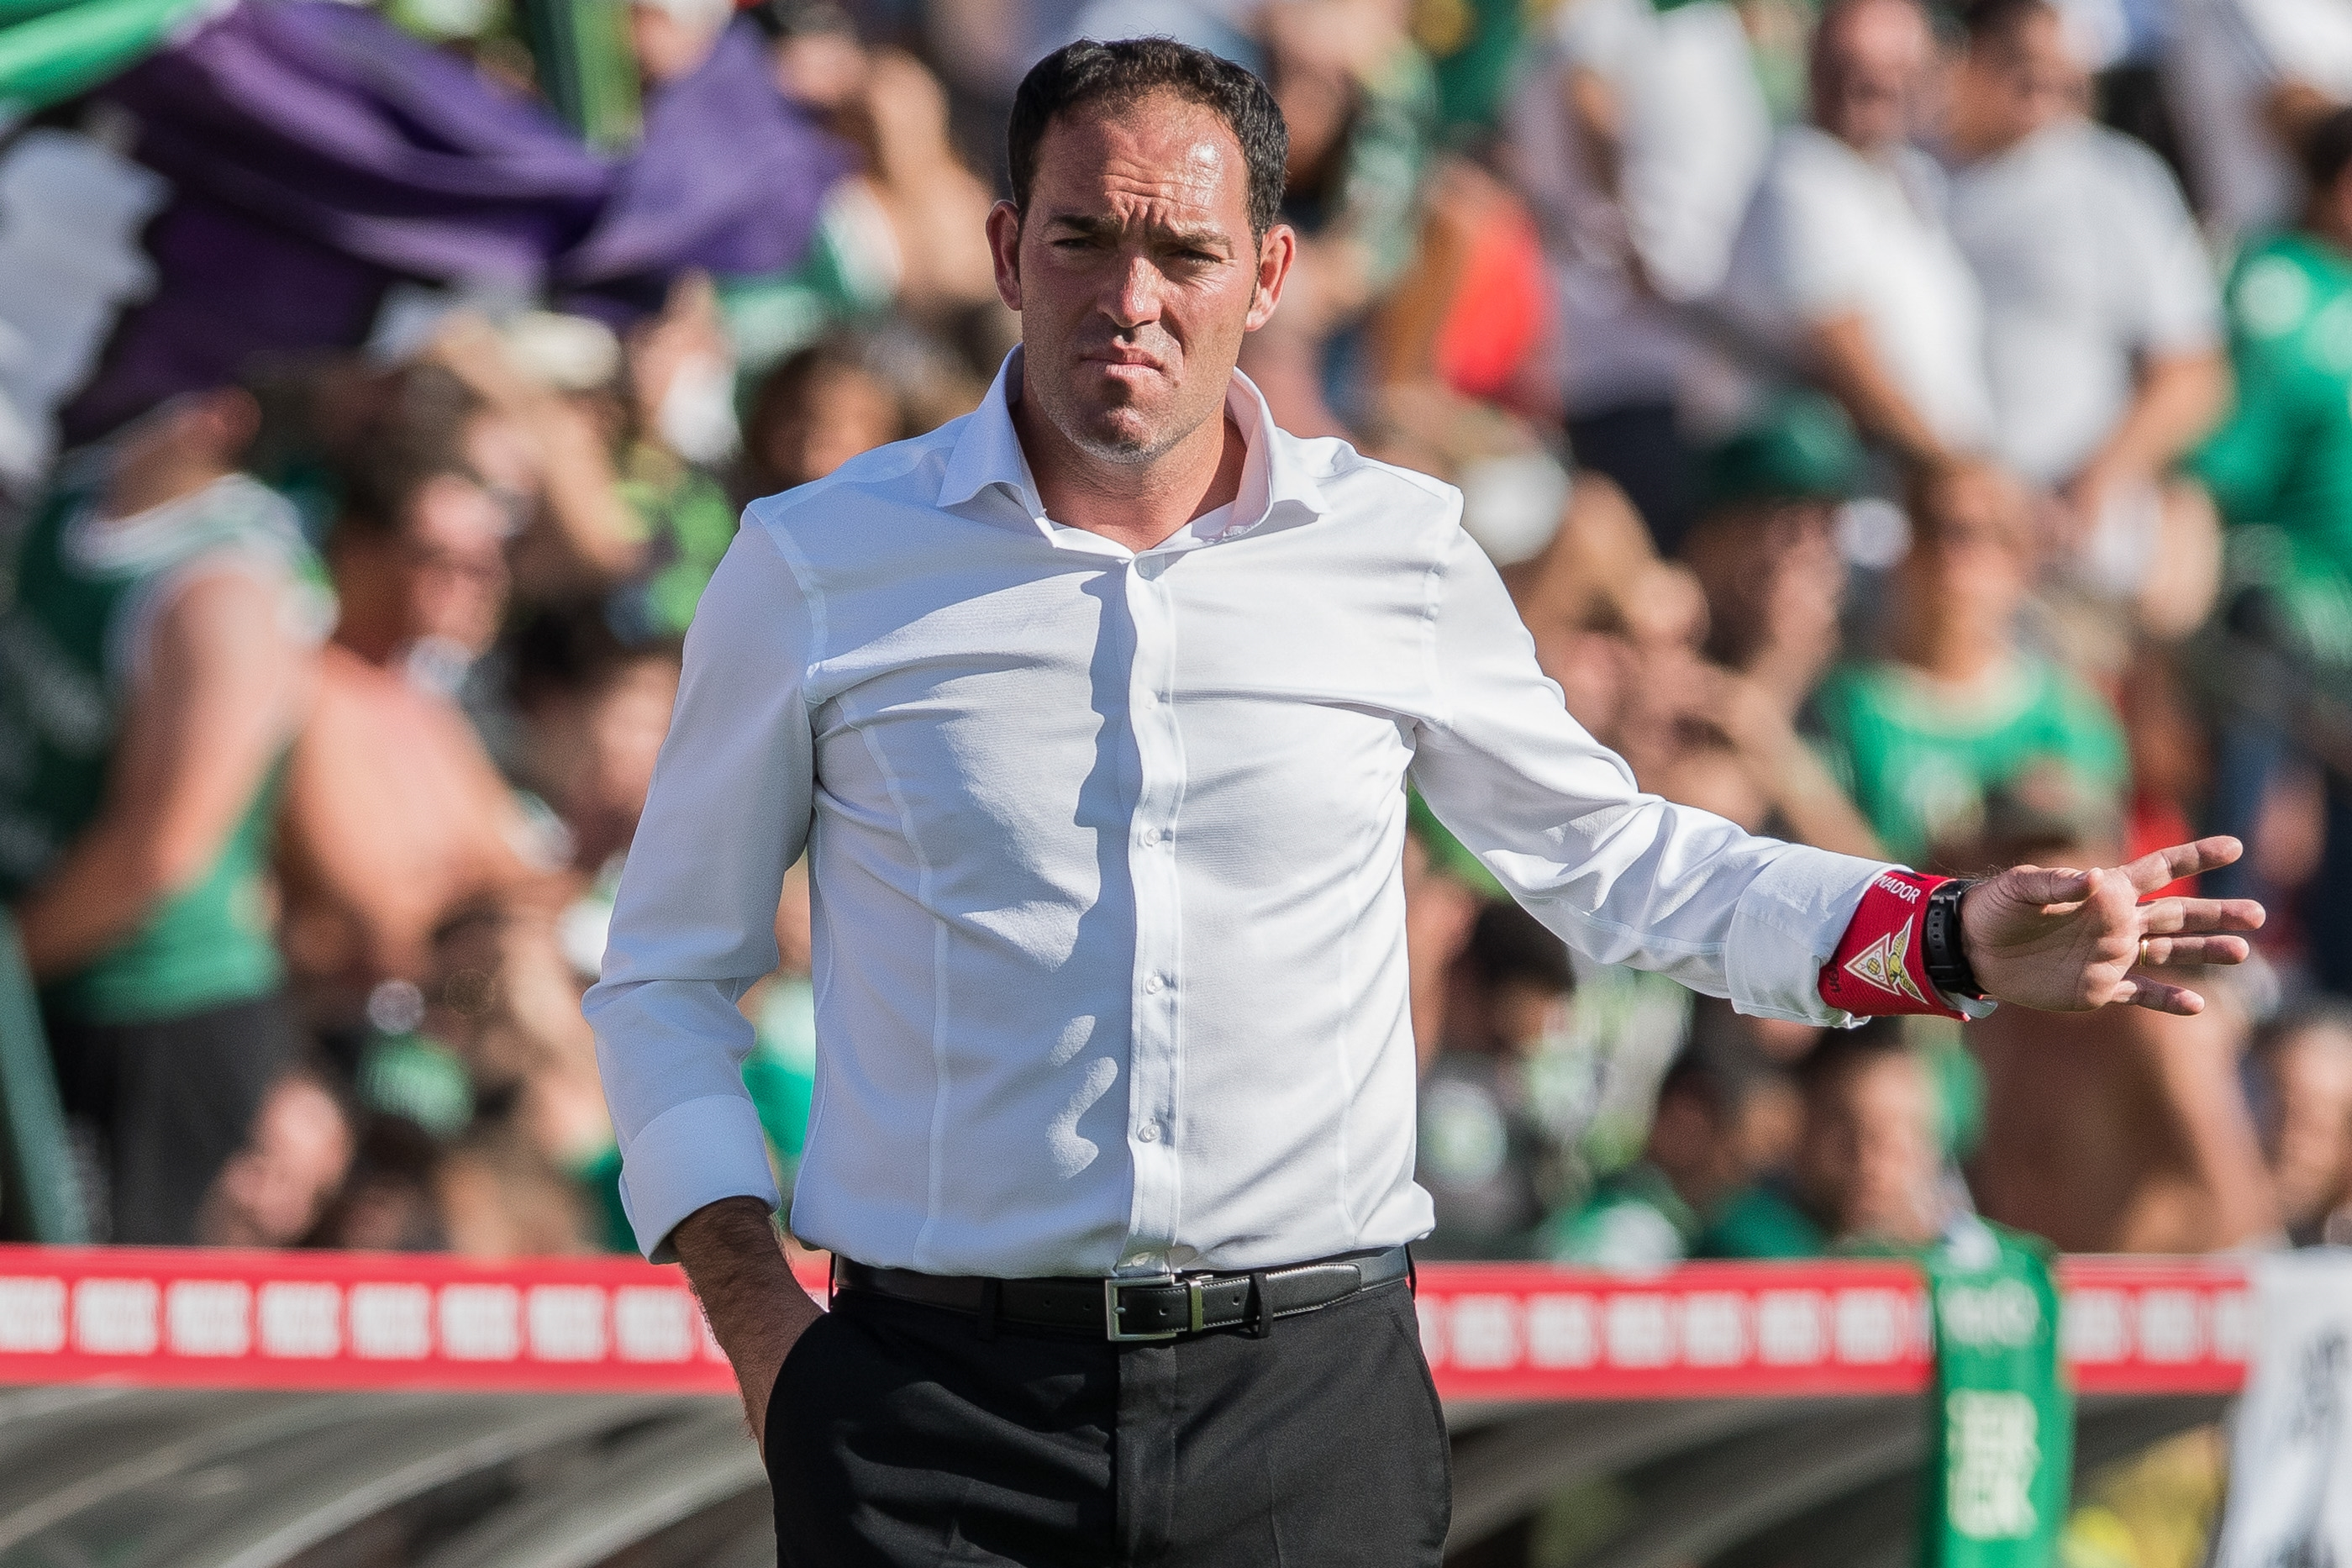 Aves oficializa Lito Vidigal como treinador - Jornal de Notícias